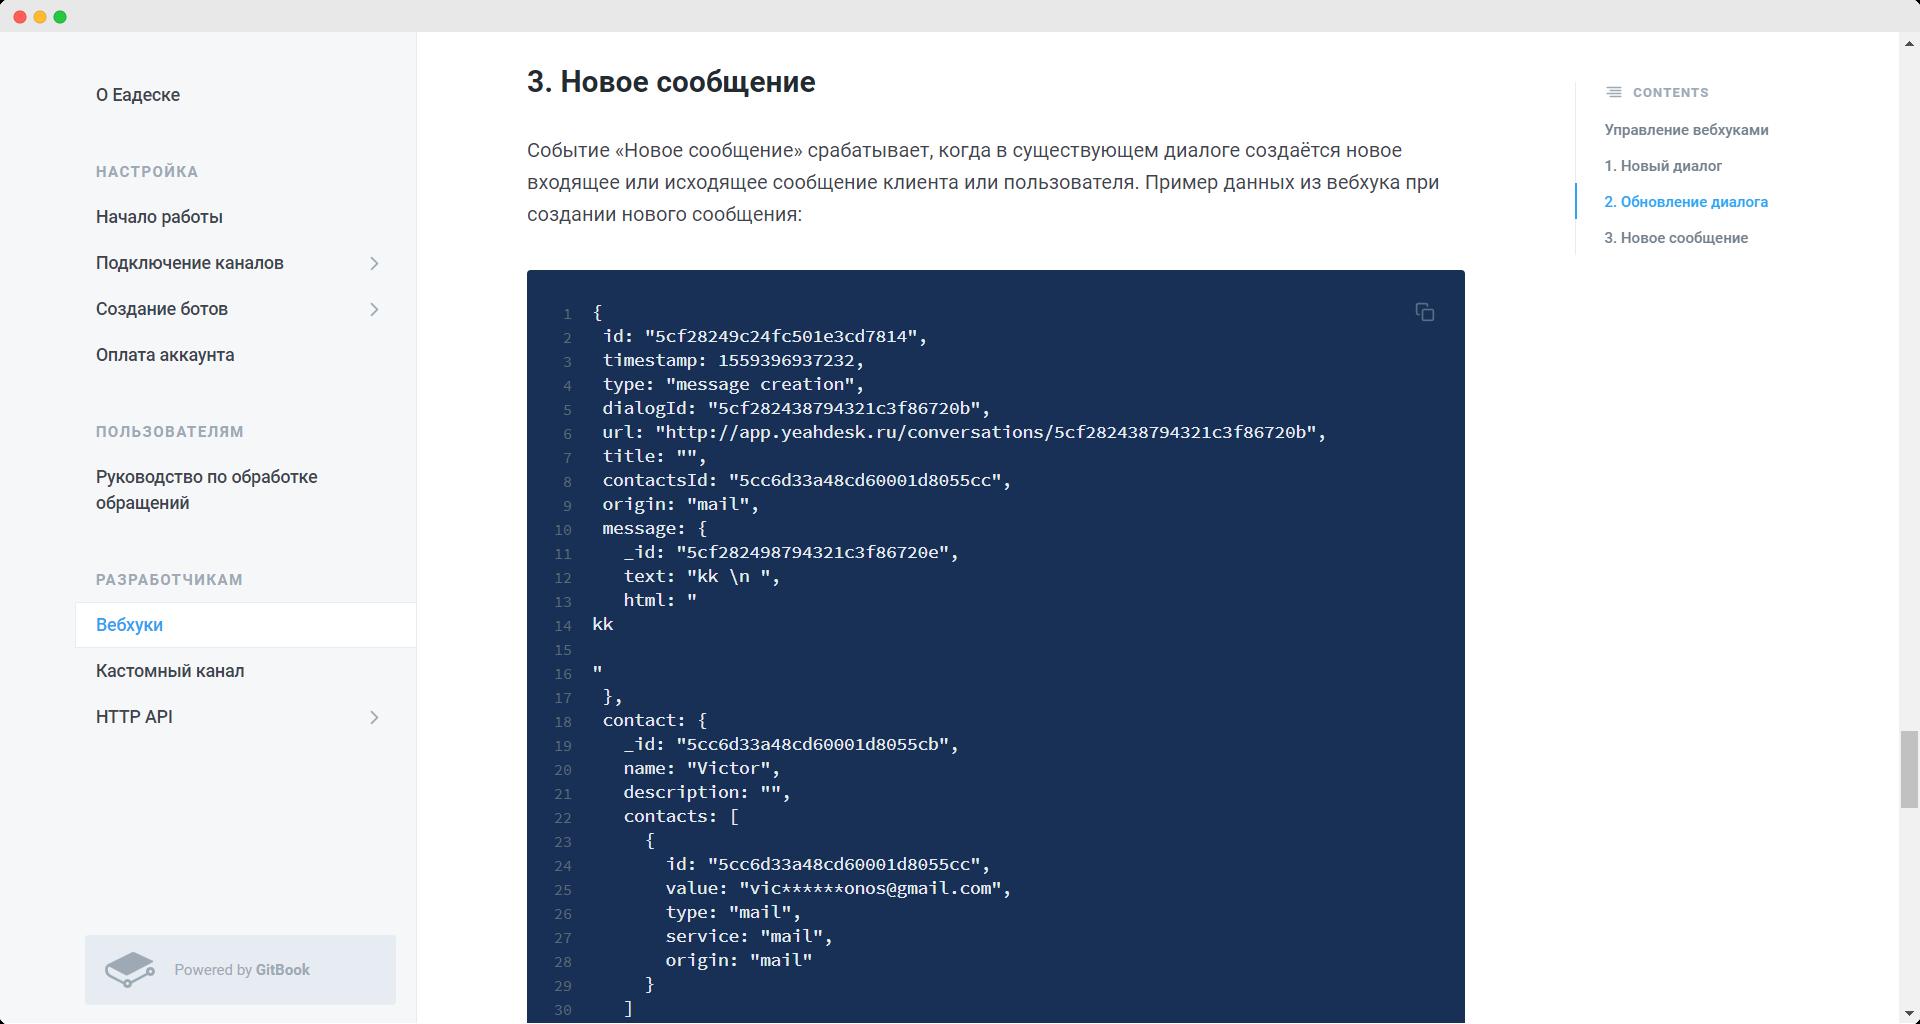 Документация по API